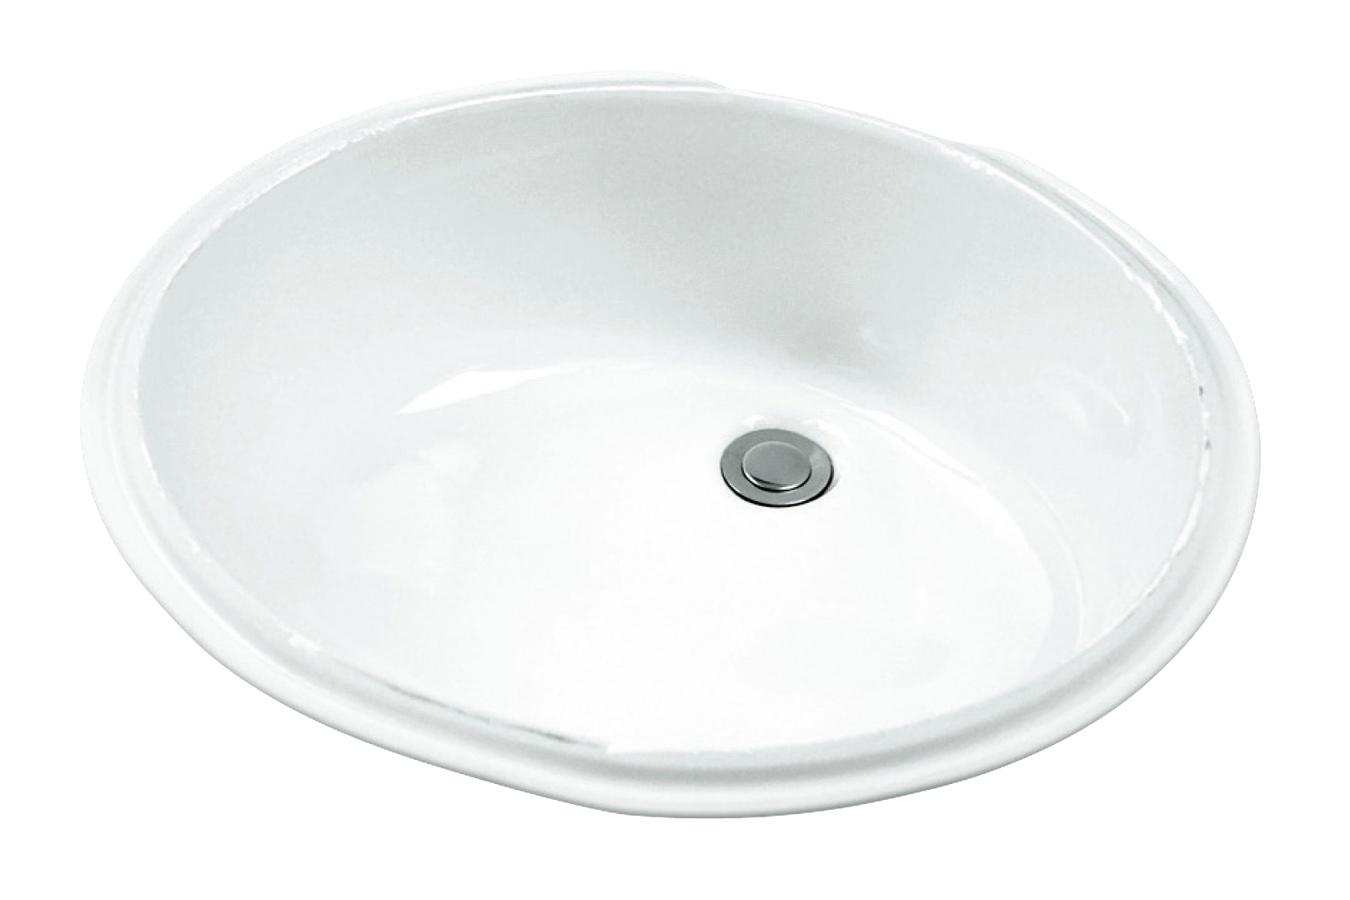 Luxoval™ Oval Standard Undercounter Bathroom Sink | Gerber Plumbing